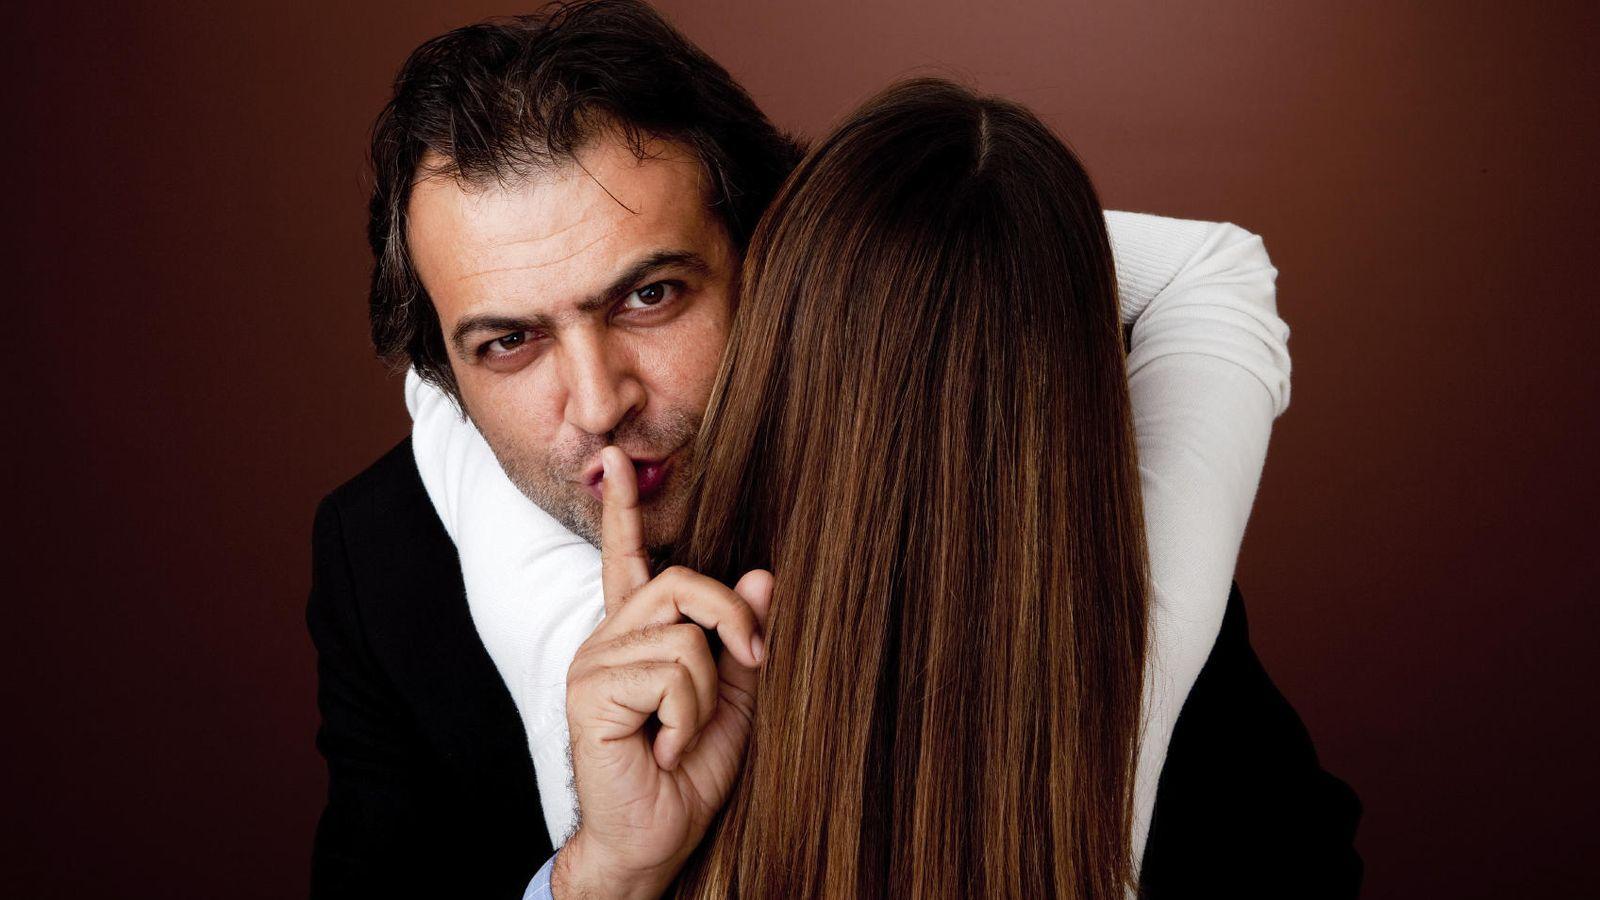 como descubrir una infidelidad de un hombre latina